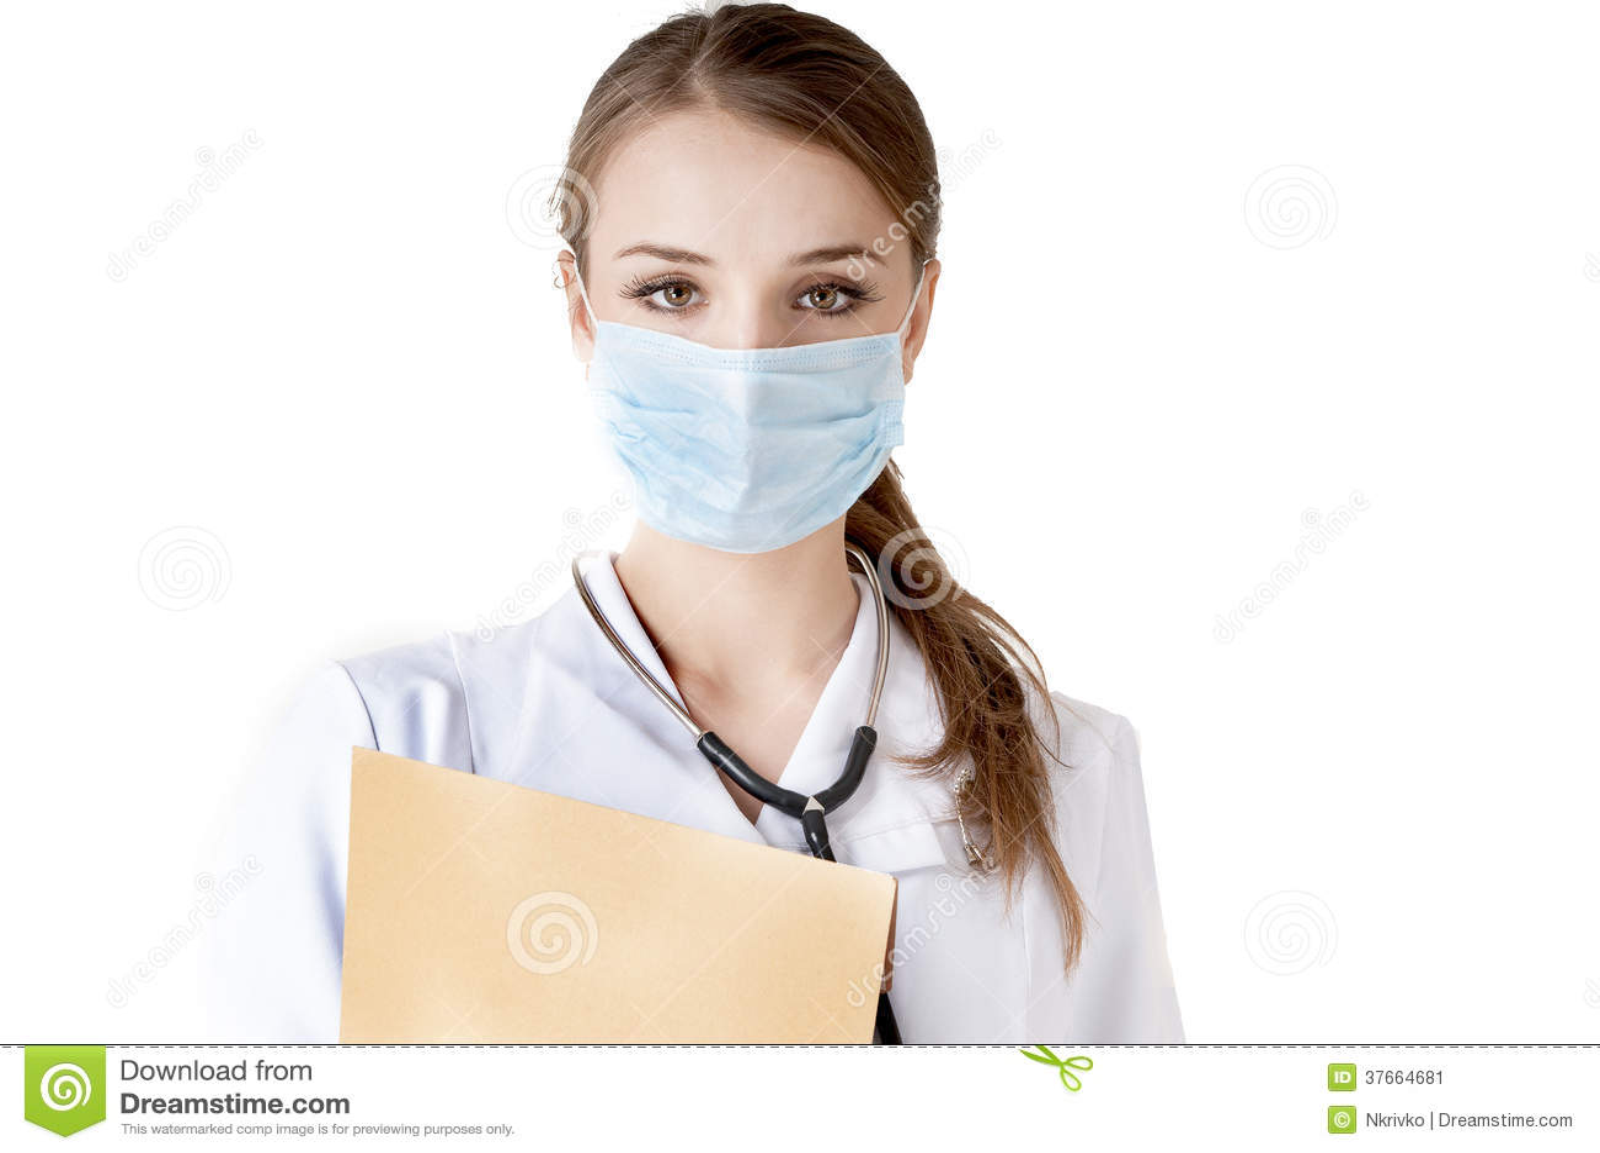 时间停止器校园篇 种子下载_时间停止器三个护士gif-iphonex时间静止拍摄,时间停止器明星护士 ...